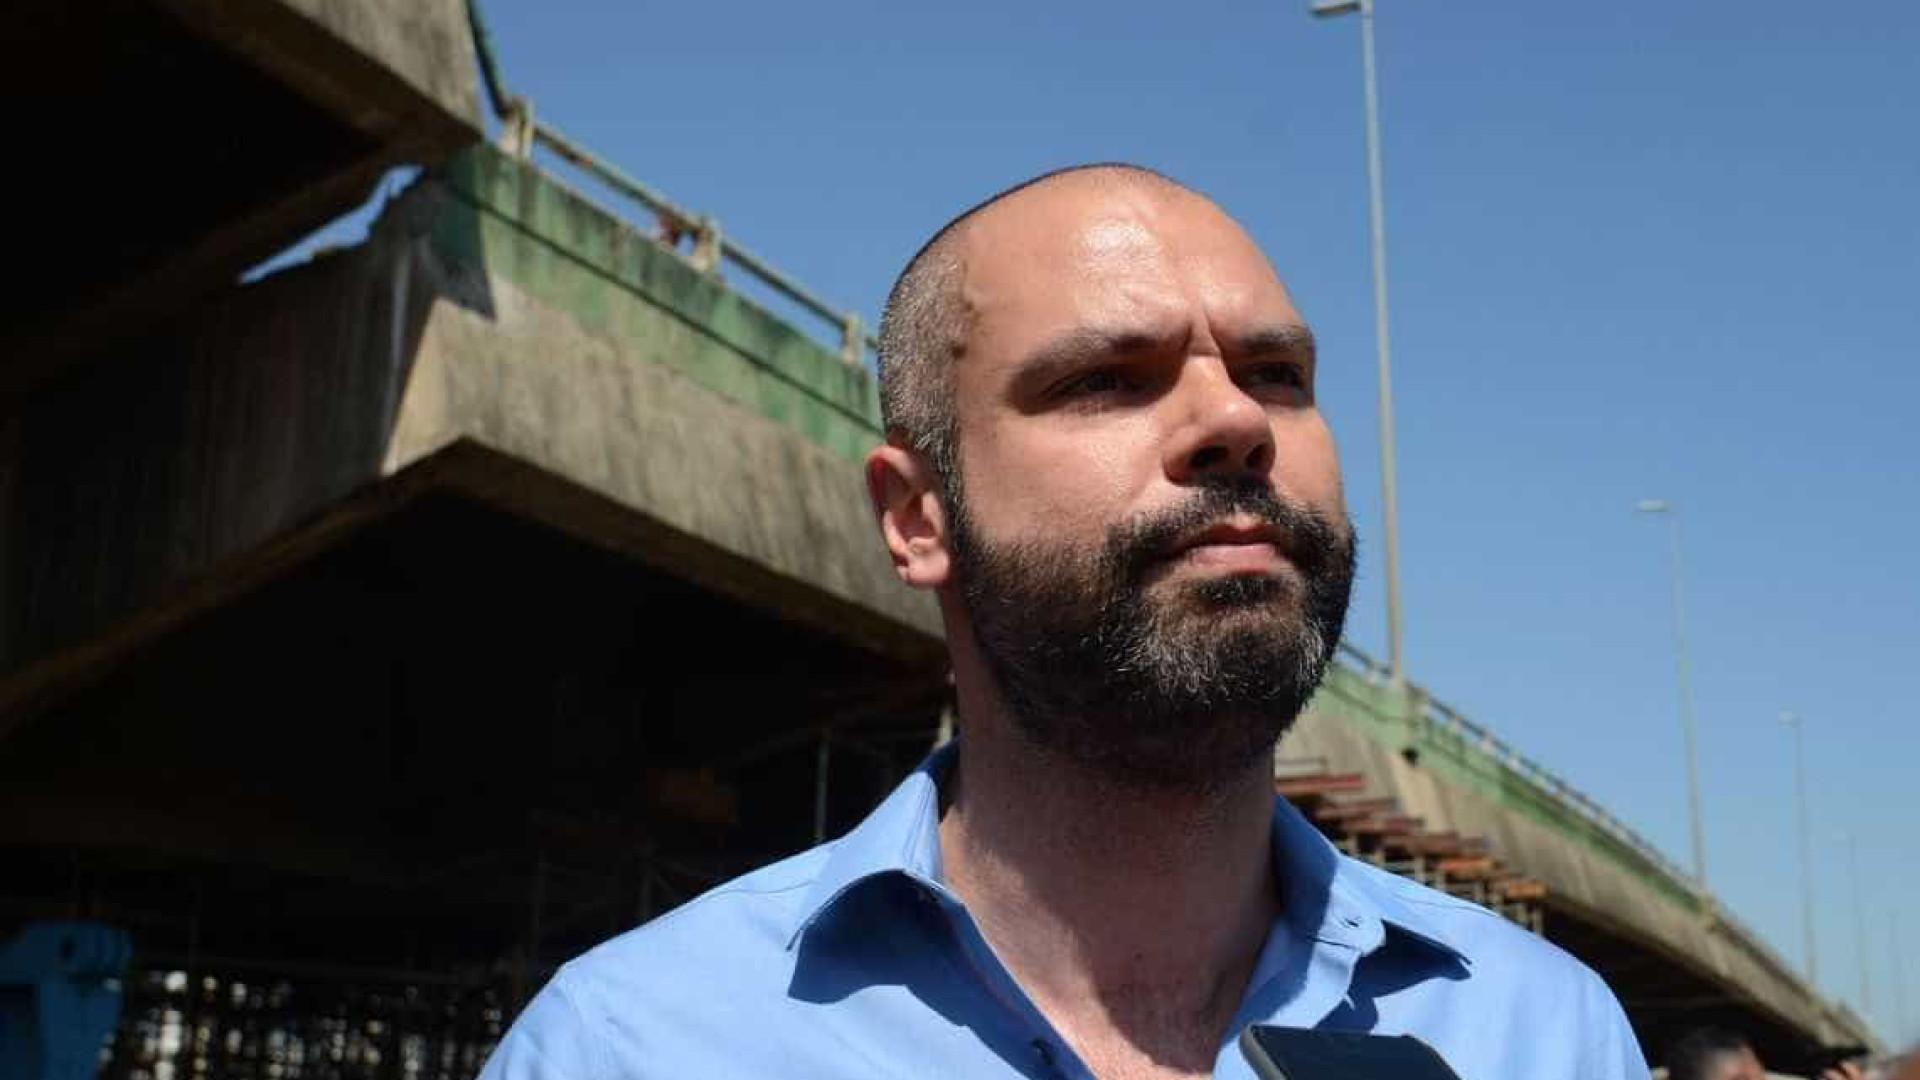 MP pede condenação de prefeito de São Paulo por queda de viaduto